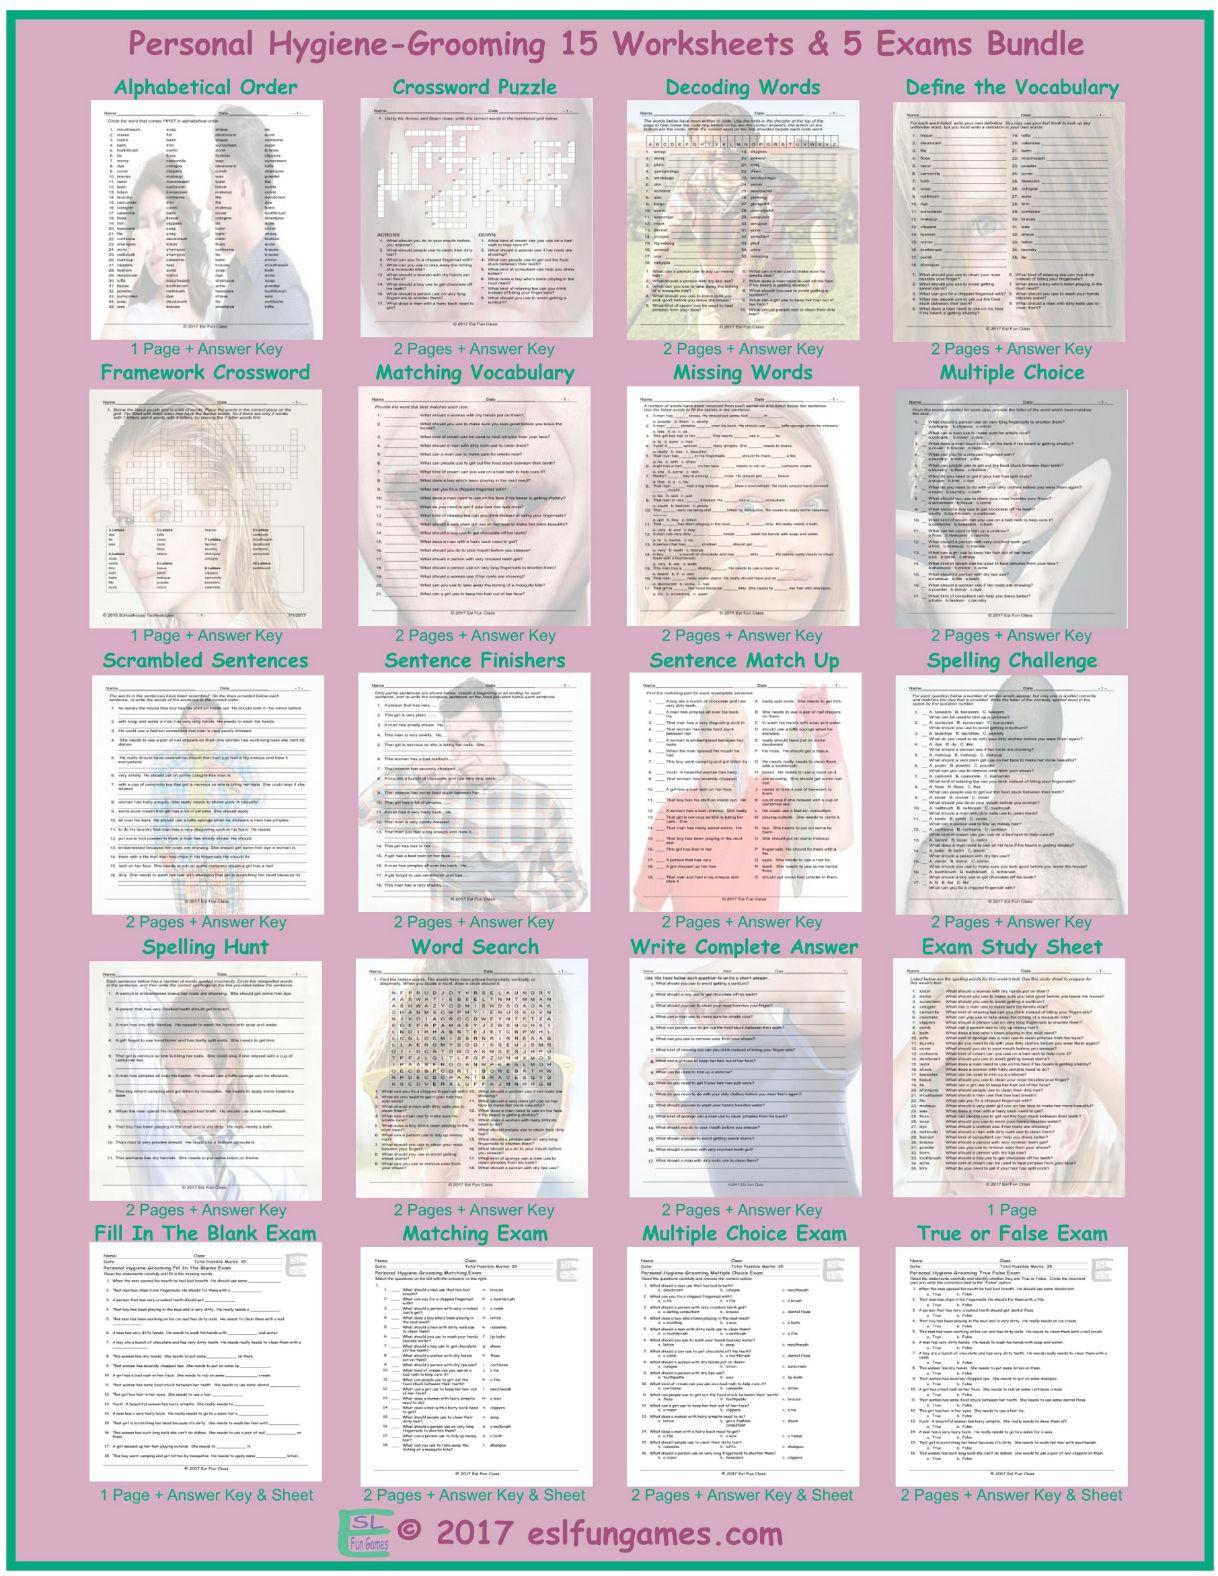 Personal Hygiene Grooming 20 Worksheet Exam Bundle By Eslfungames